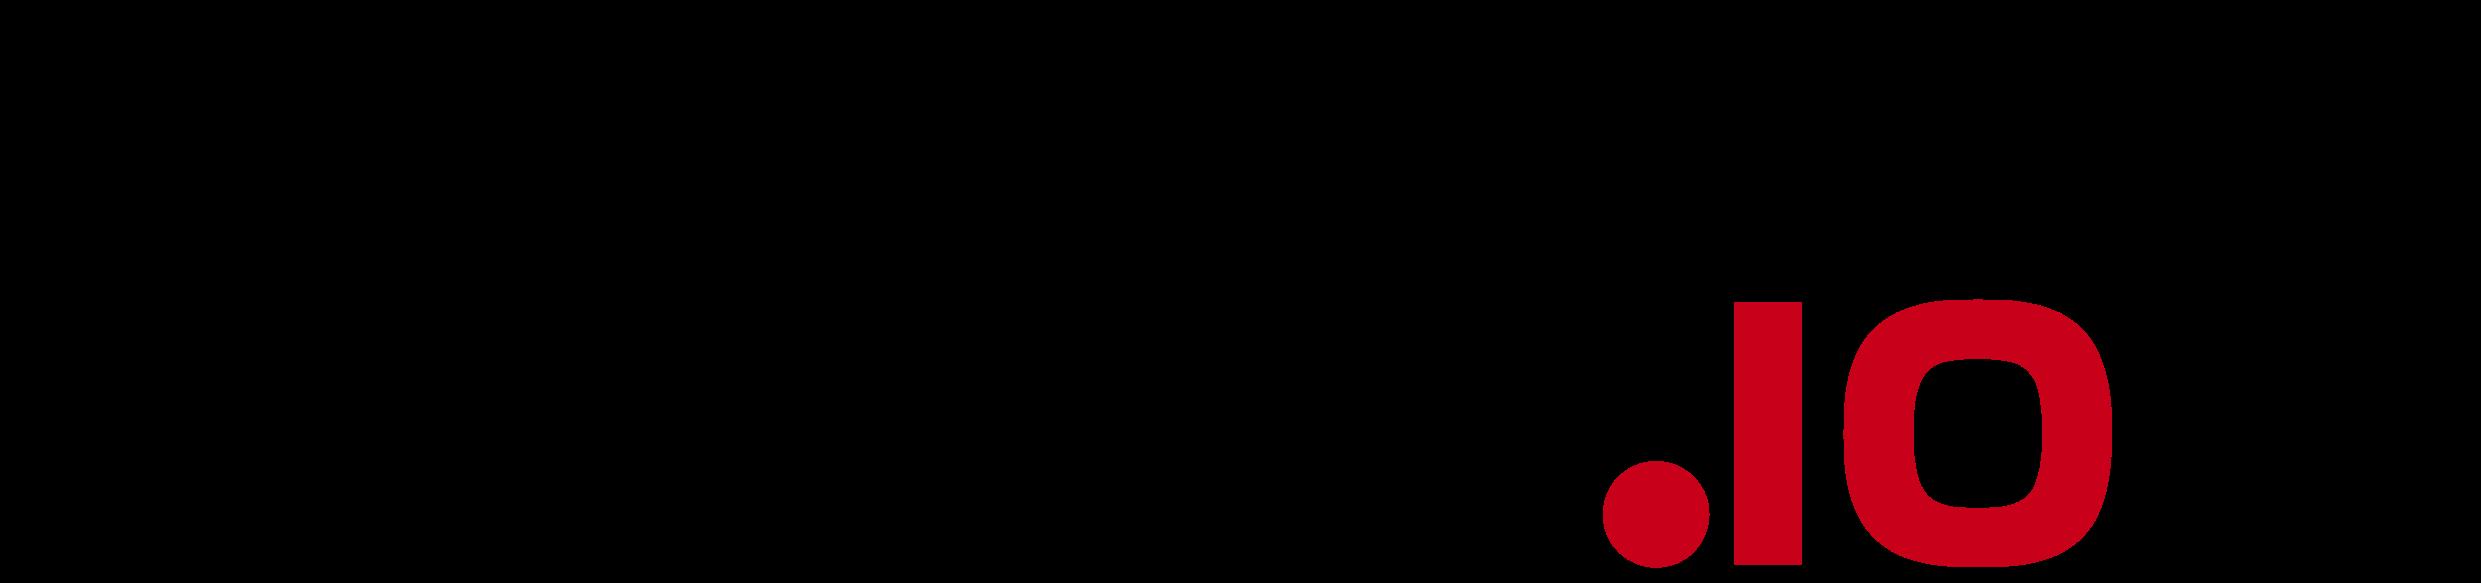 Logo start-up Tengu